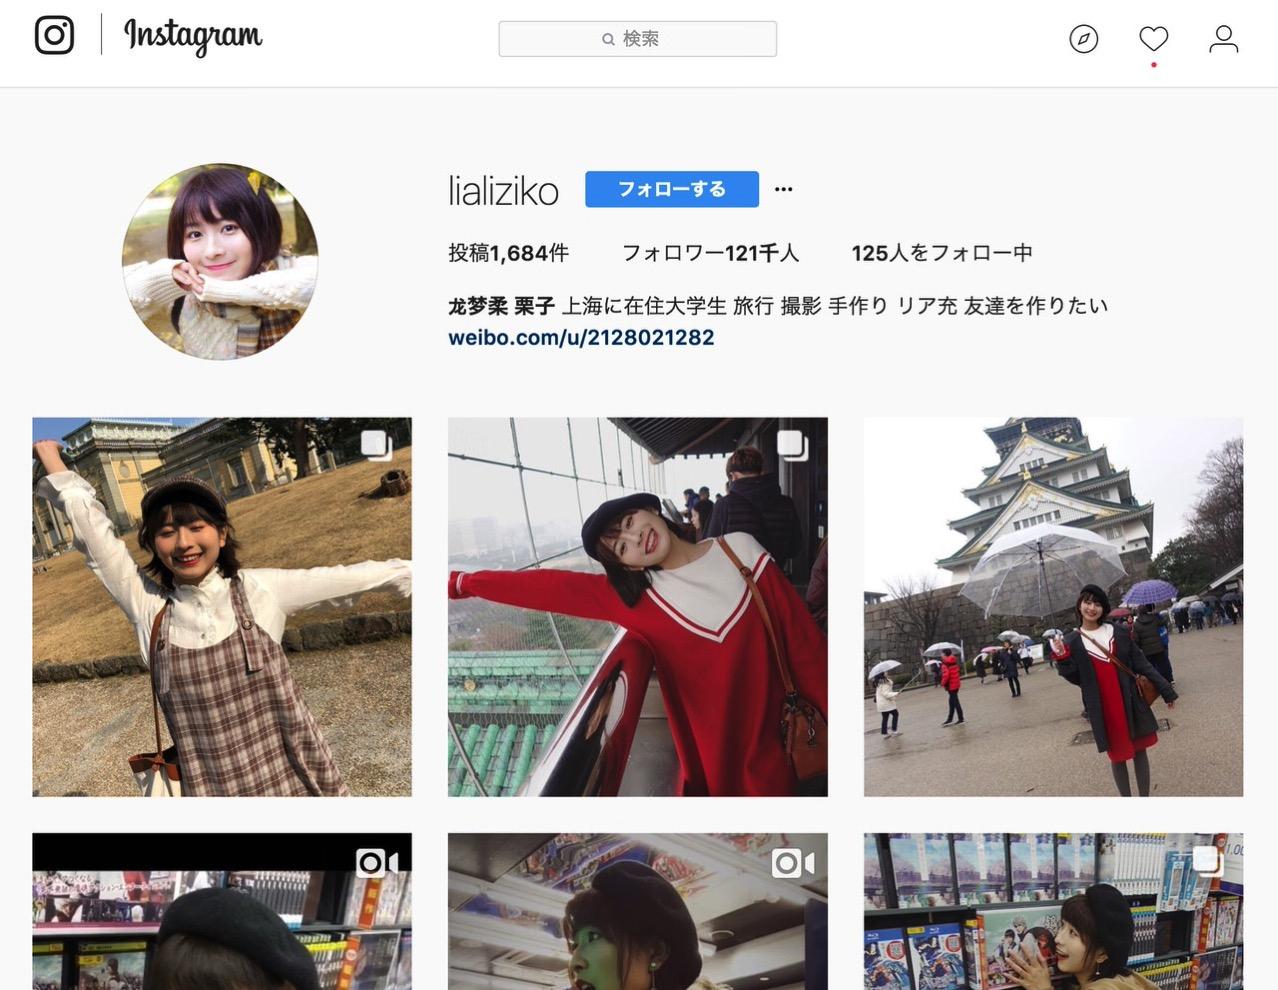 """""""中国のガッキー""""として話題になったロン・モンロウ(栗子)さんが日本を旅しているらしいよ!"""